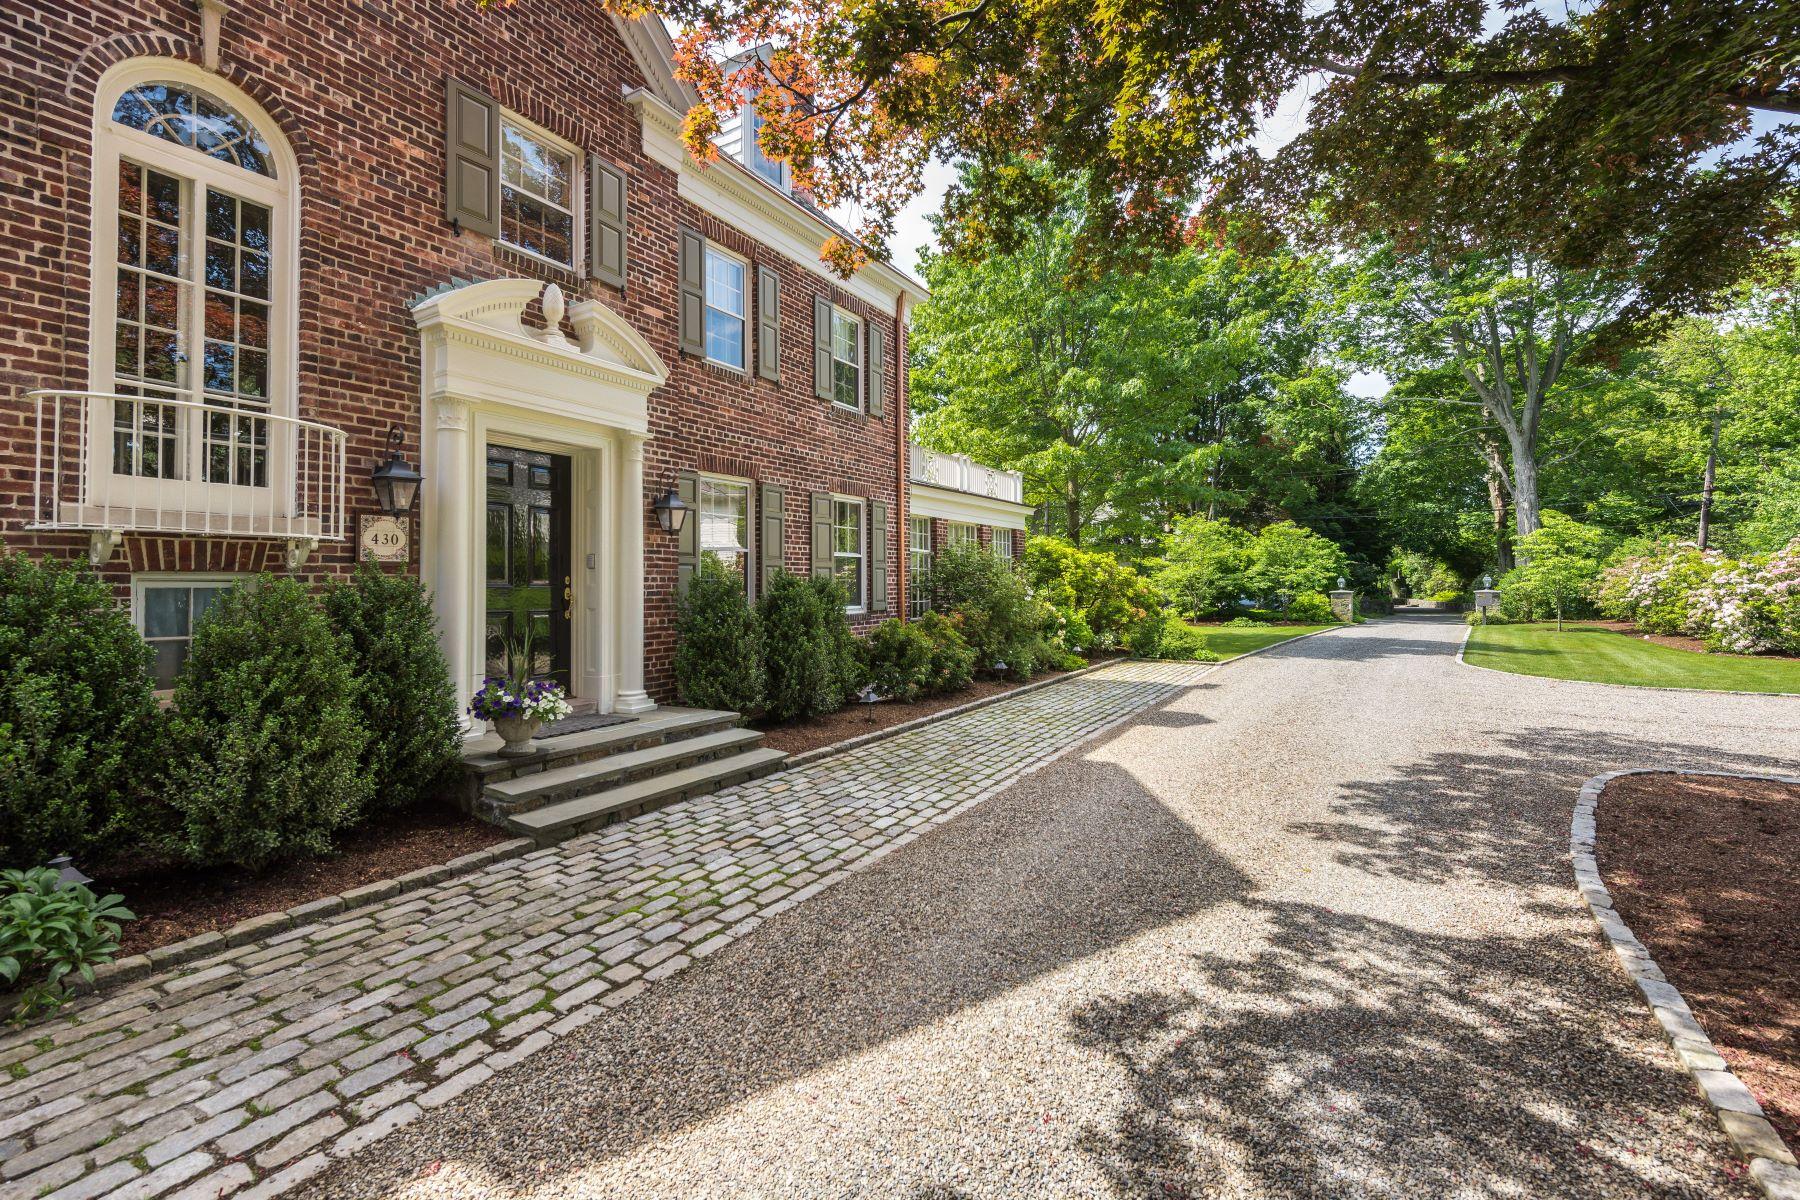 独户住宅 为 销售 在 430 Park Avenue 拉伊, 纽约州, 10580 美国